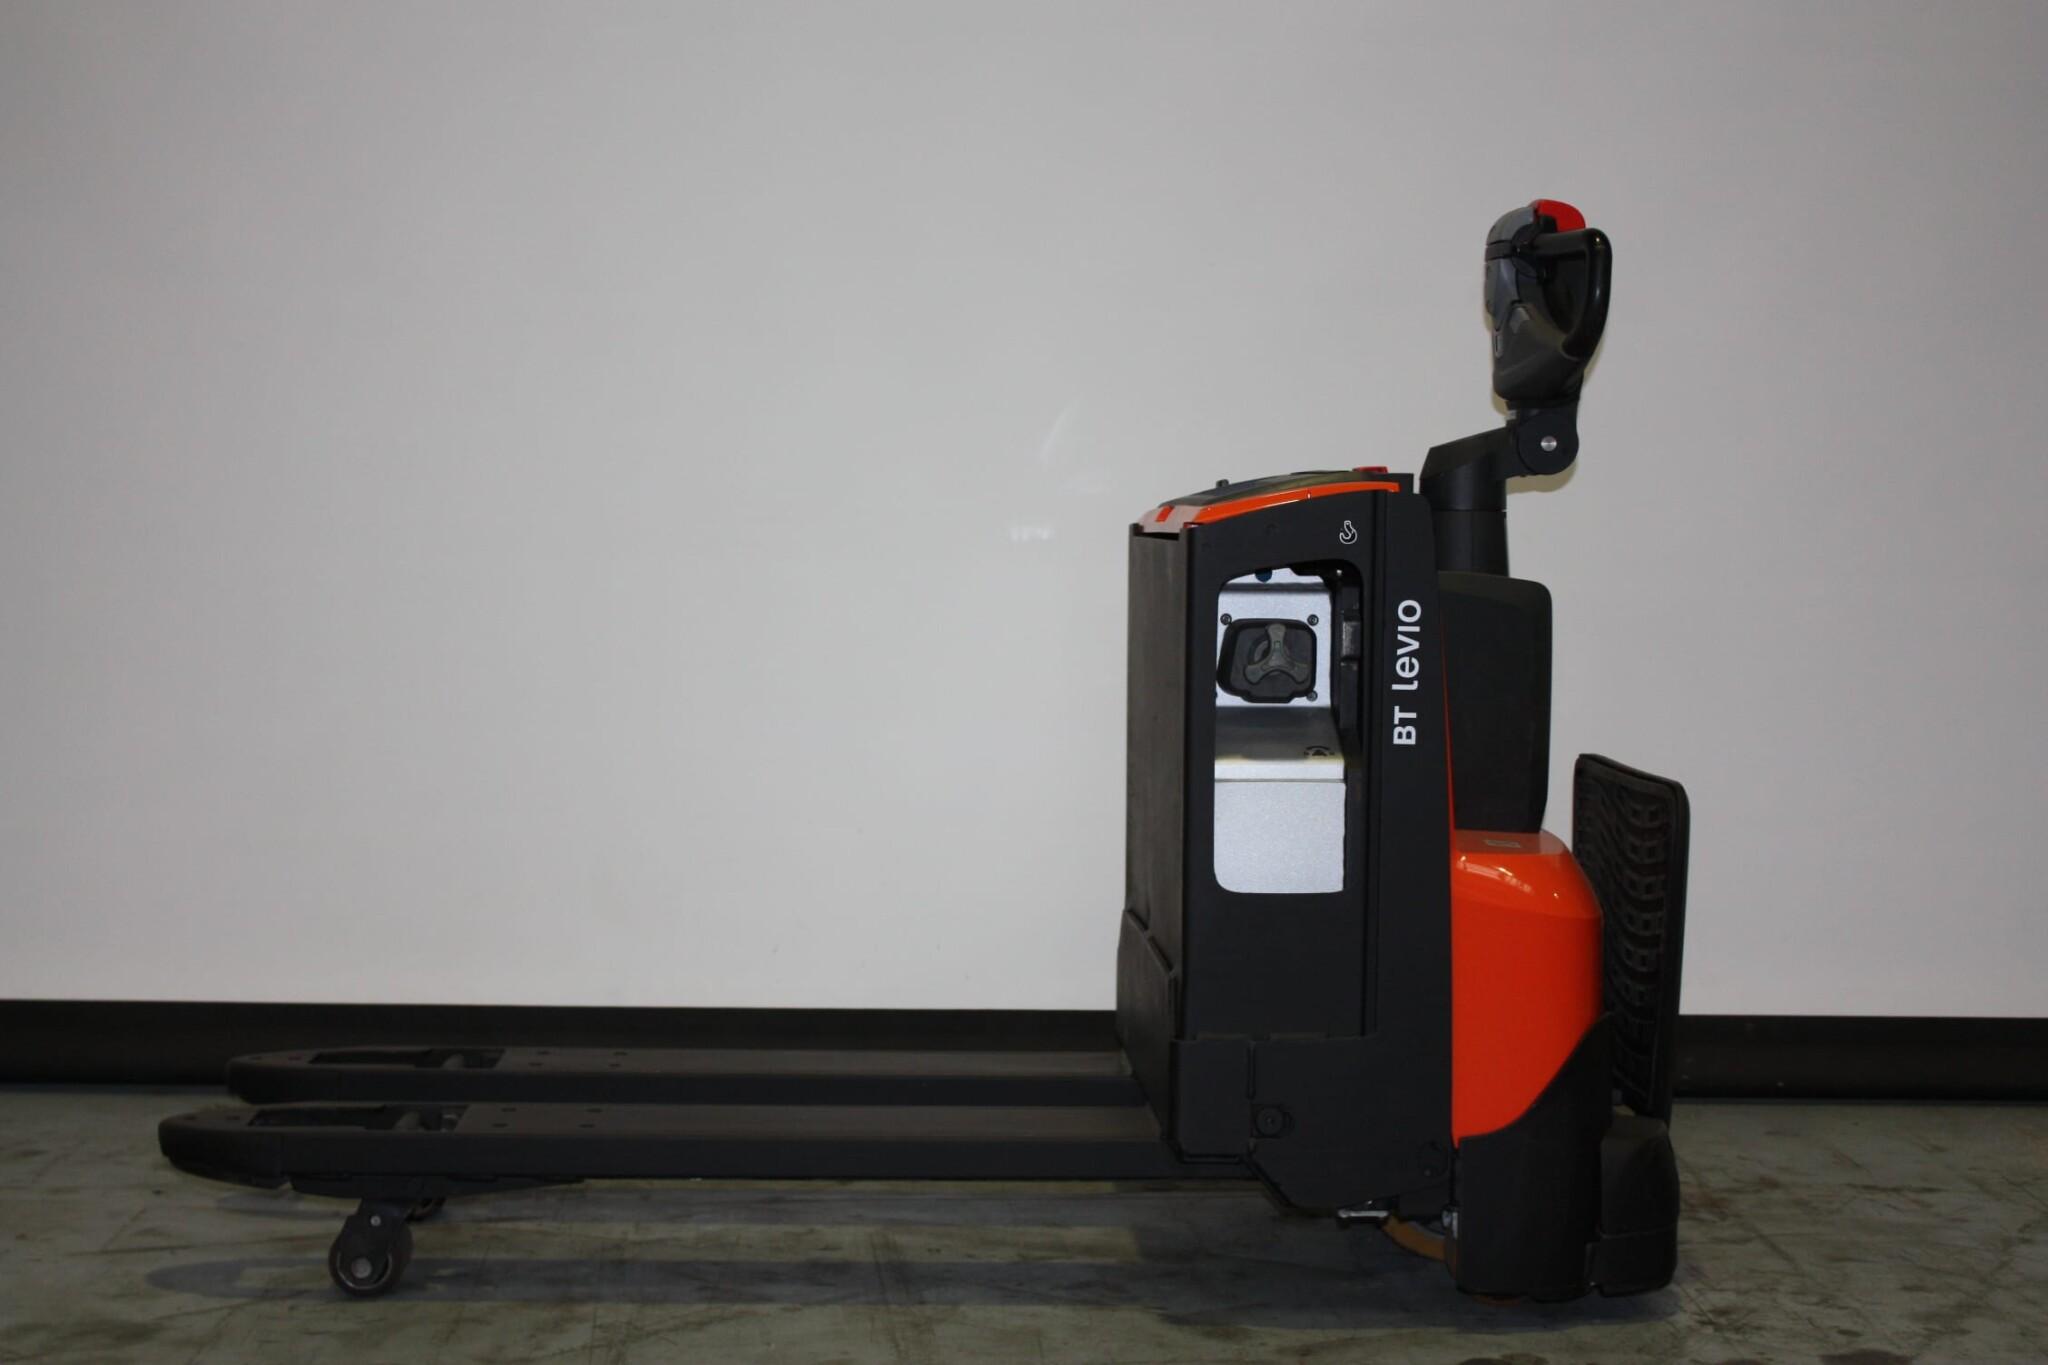 Toyota-Gabelstapler-59840 1802032518 1 23